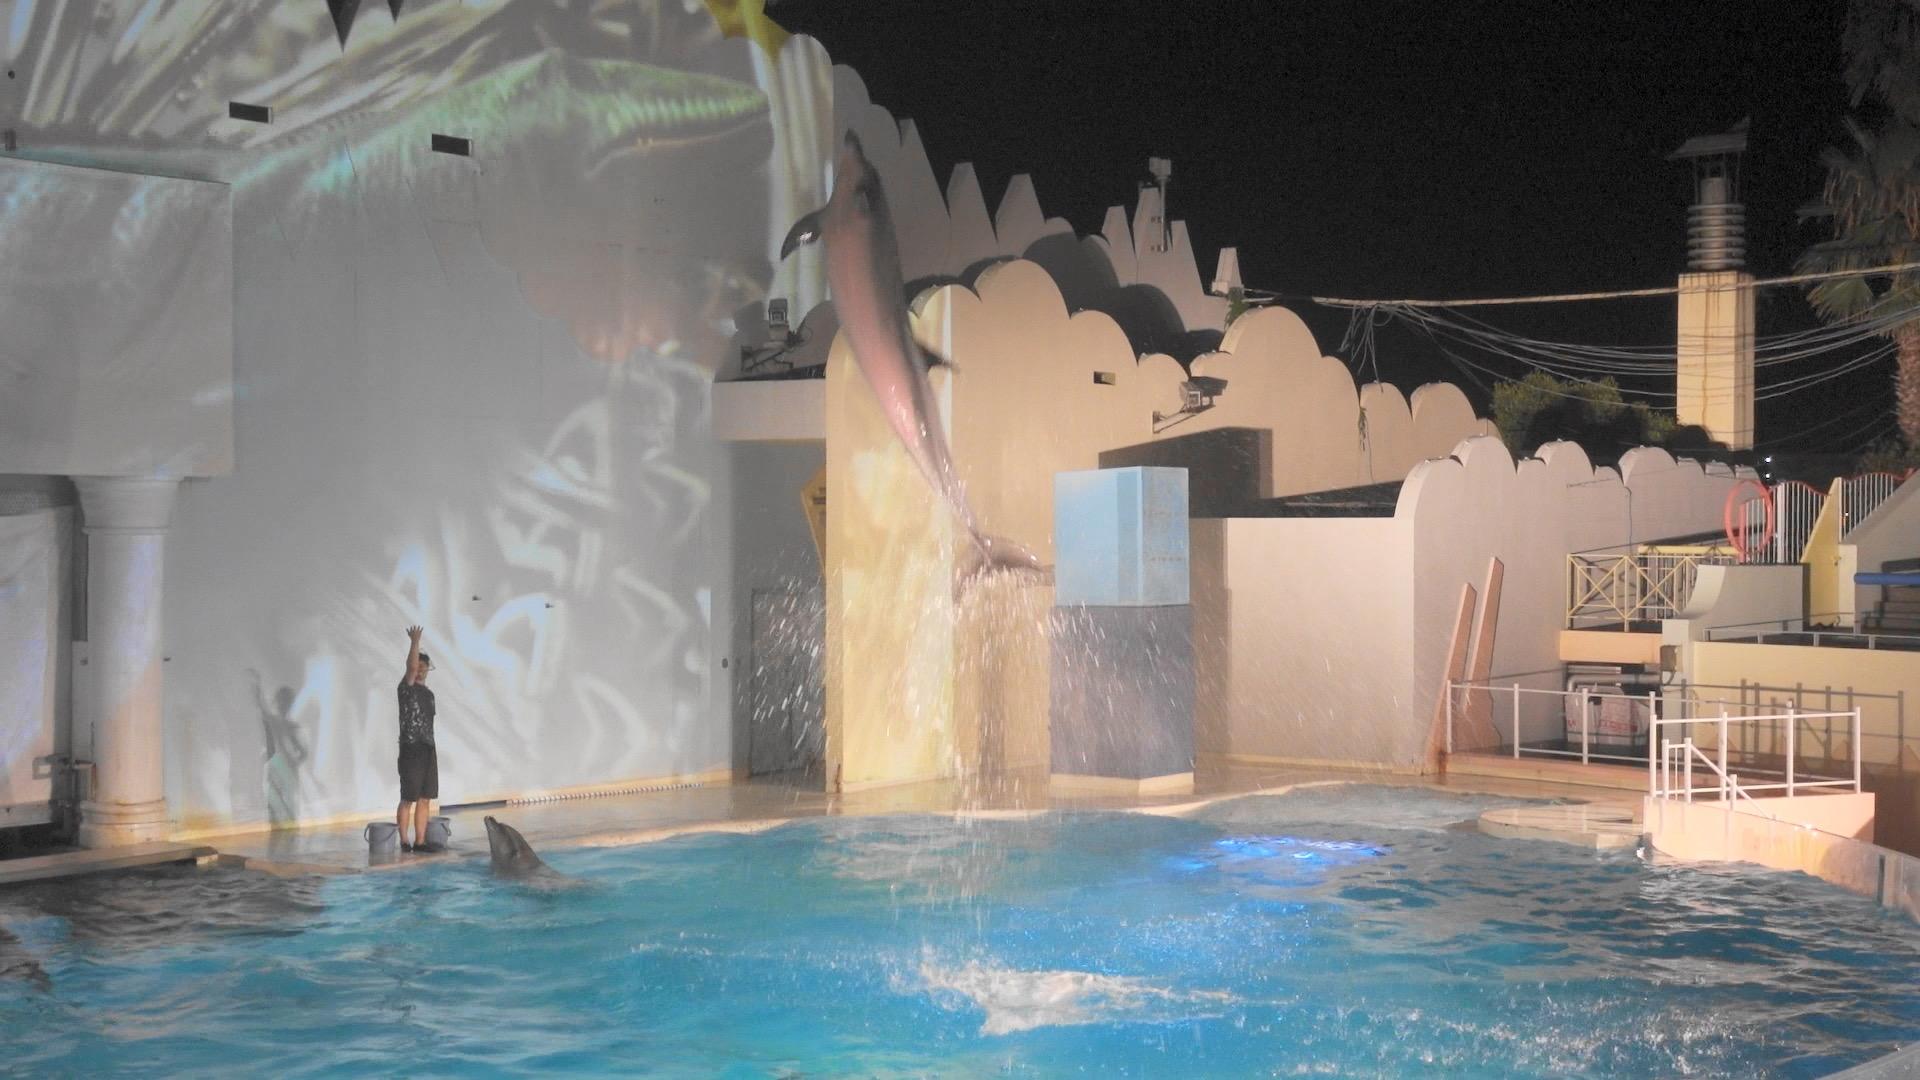 【神戸・須磨】夜の水族館!夏季限定ナイトイルカショーがやっている『須磨海浜水族園』へいってきました【8/30まで】_1